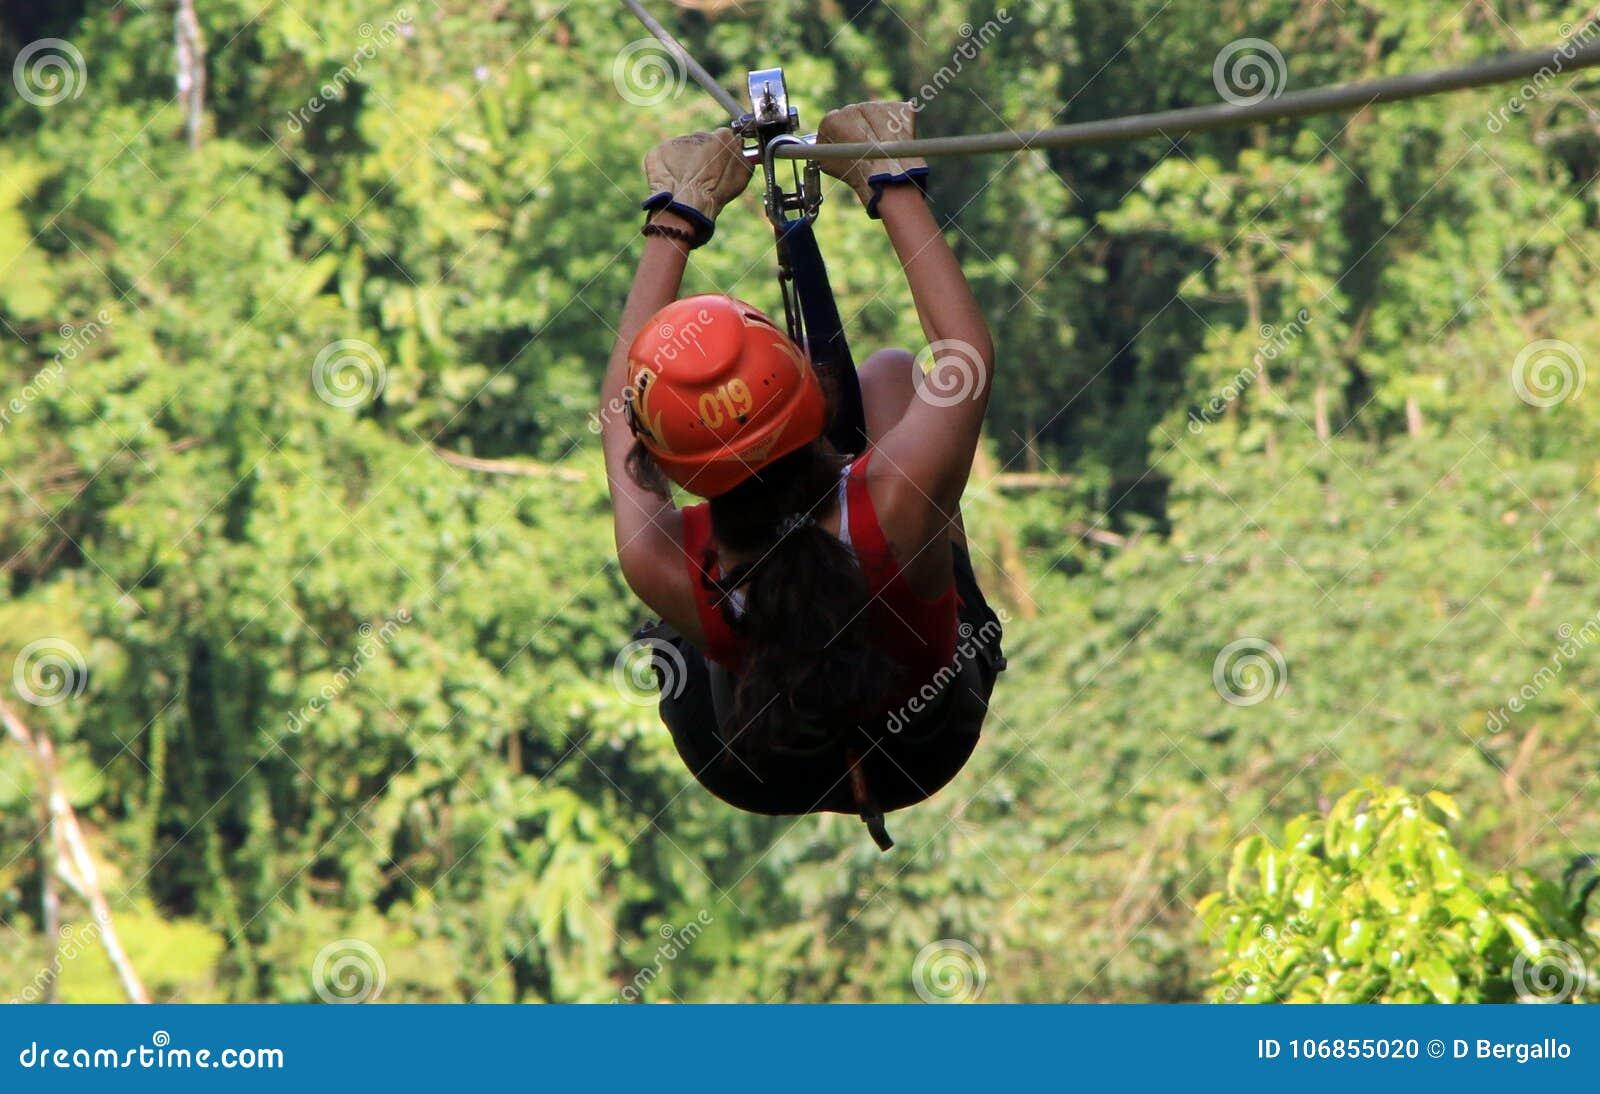 Tirolesa de la guarnición de la cremallera del toldo en Costa Rica Tour Beautiful Girl